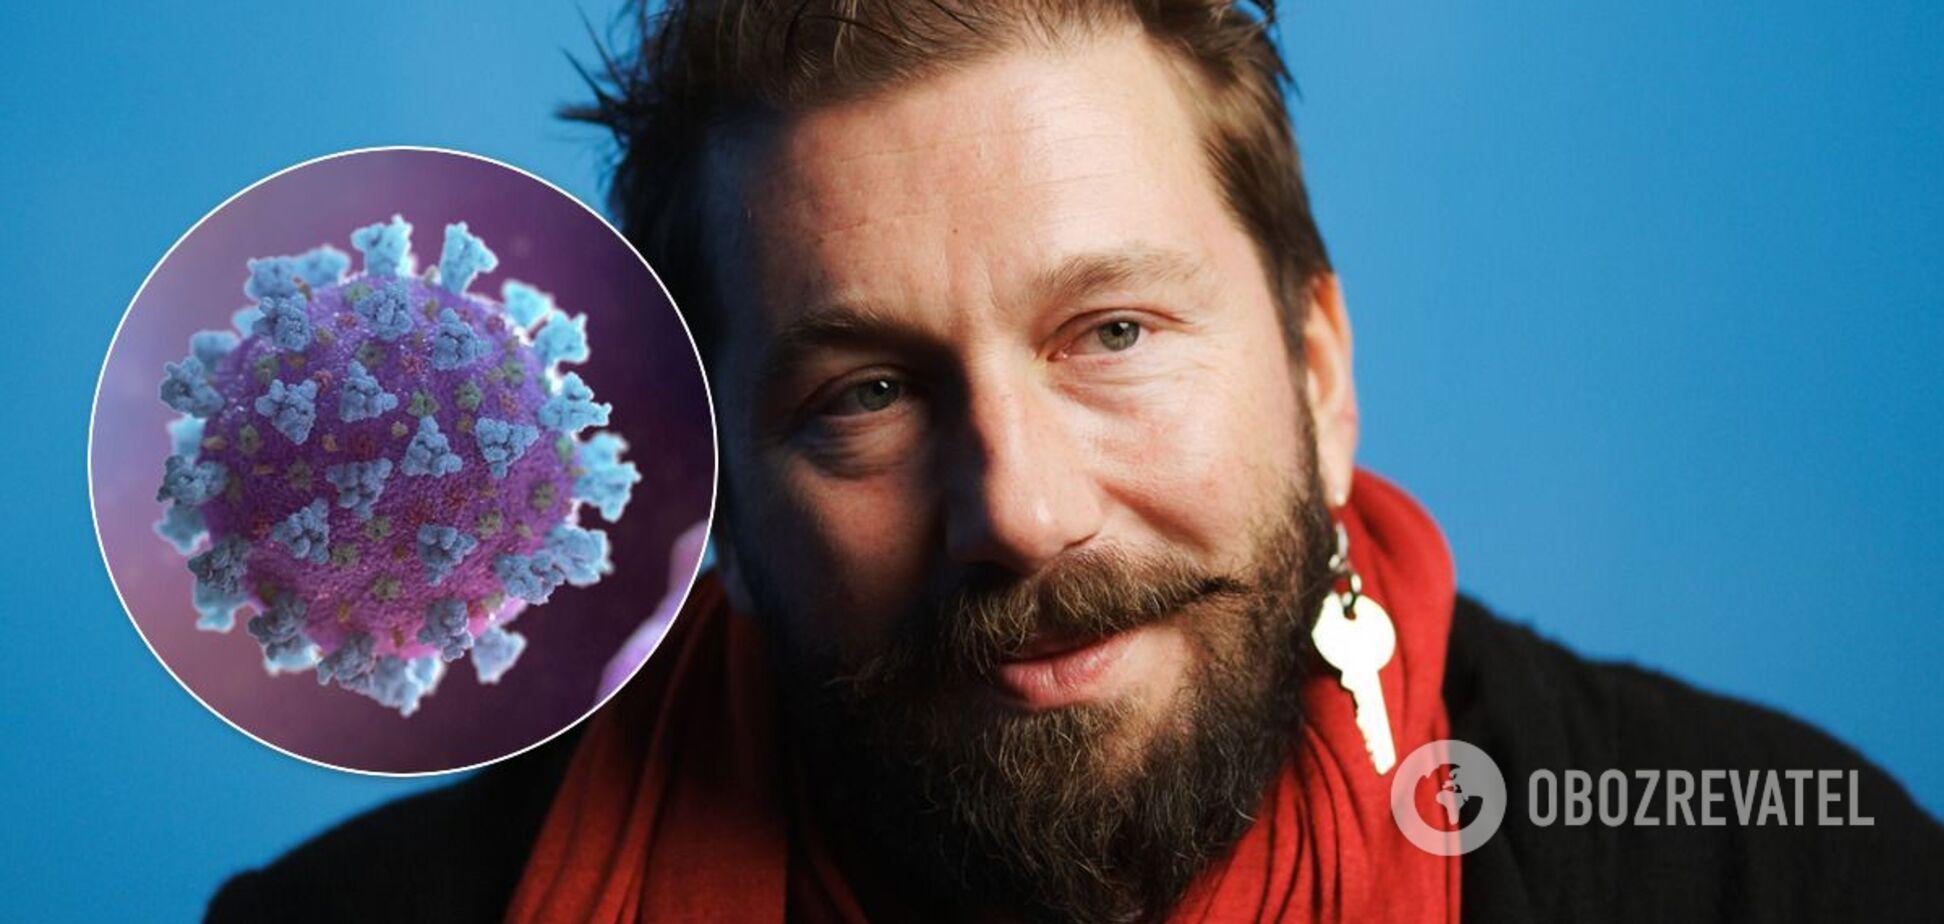 Бизнесмен Чичваркин рассказал, как лечился от коронавируса